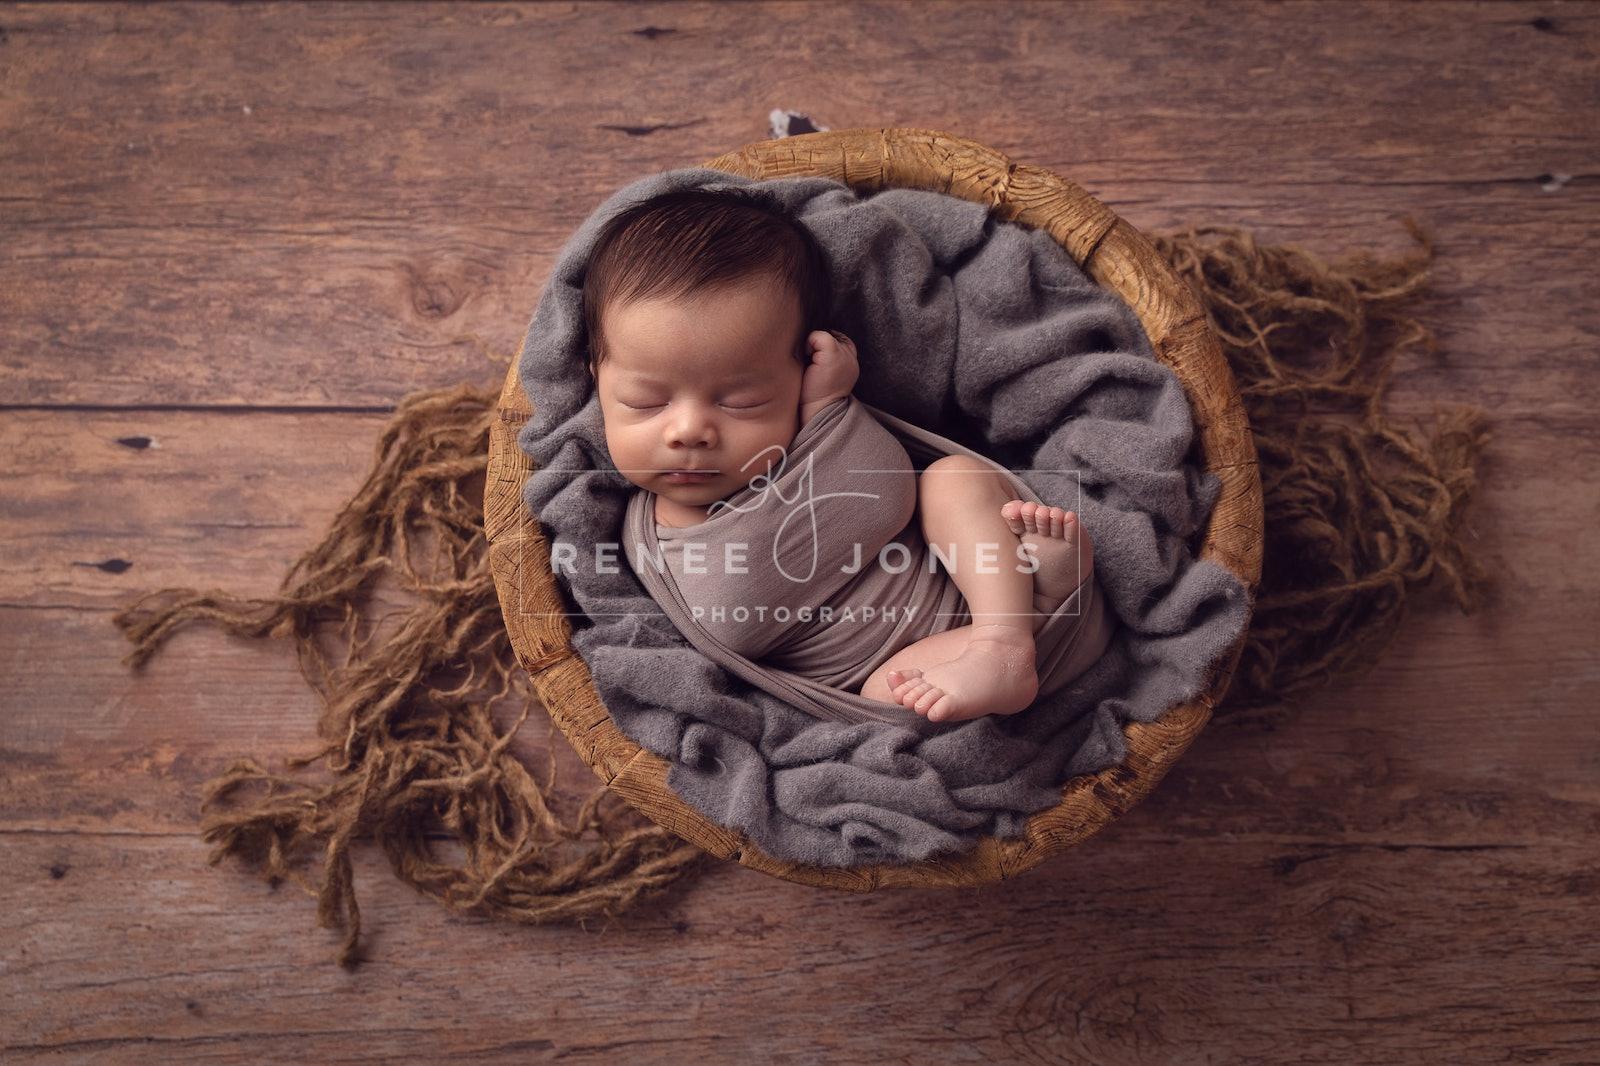 Newborn Baby - Brisbane Baby Photographer - Newborn posed in a round wooden bowl